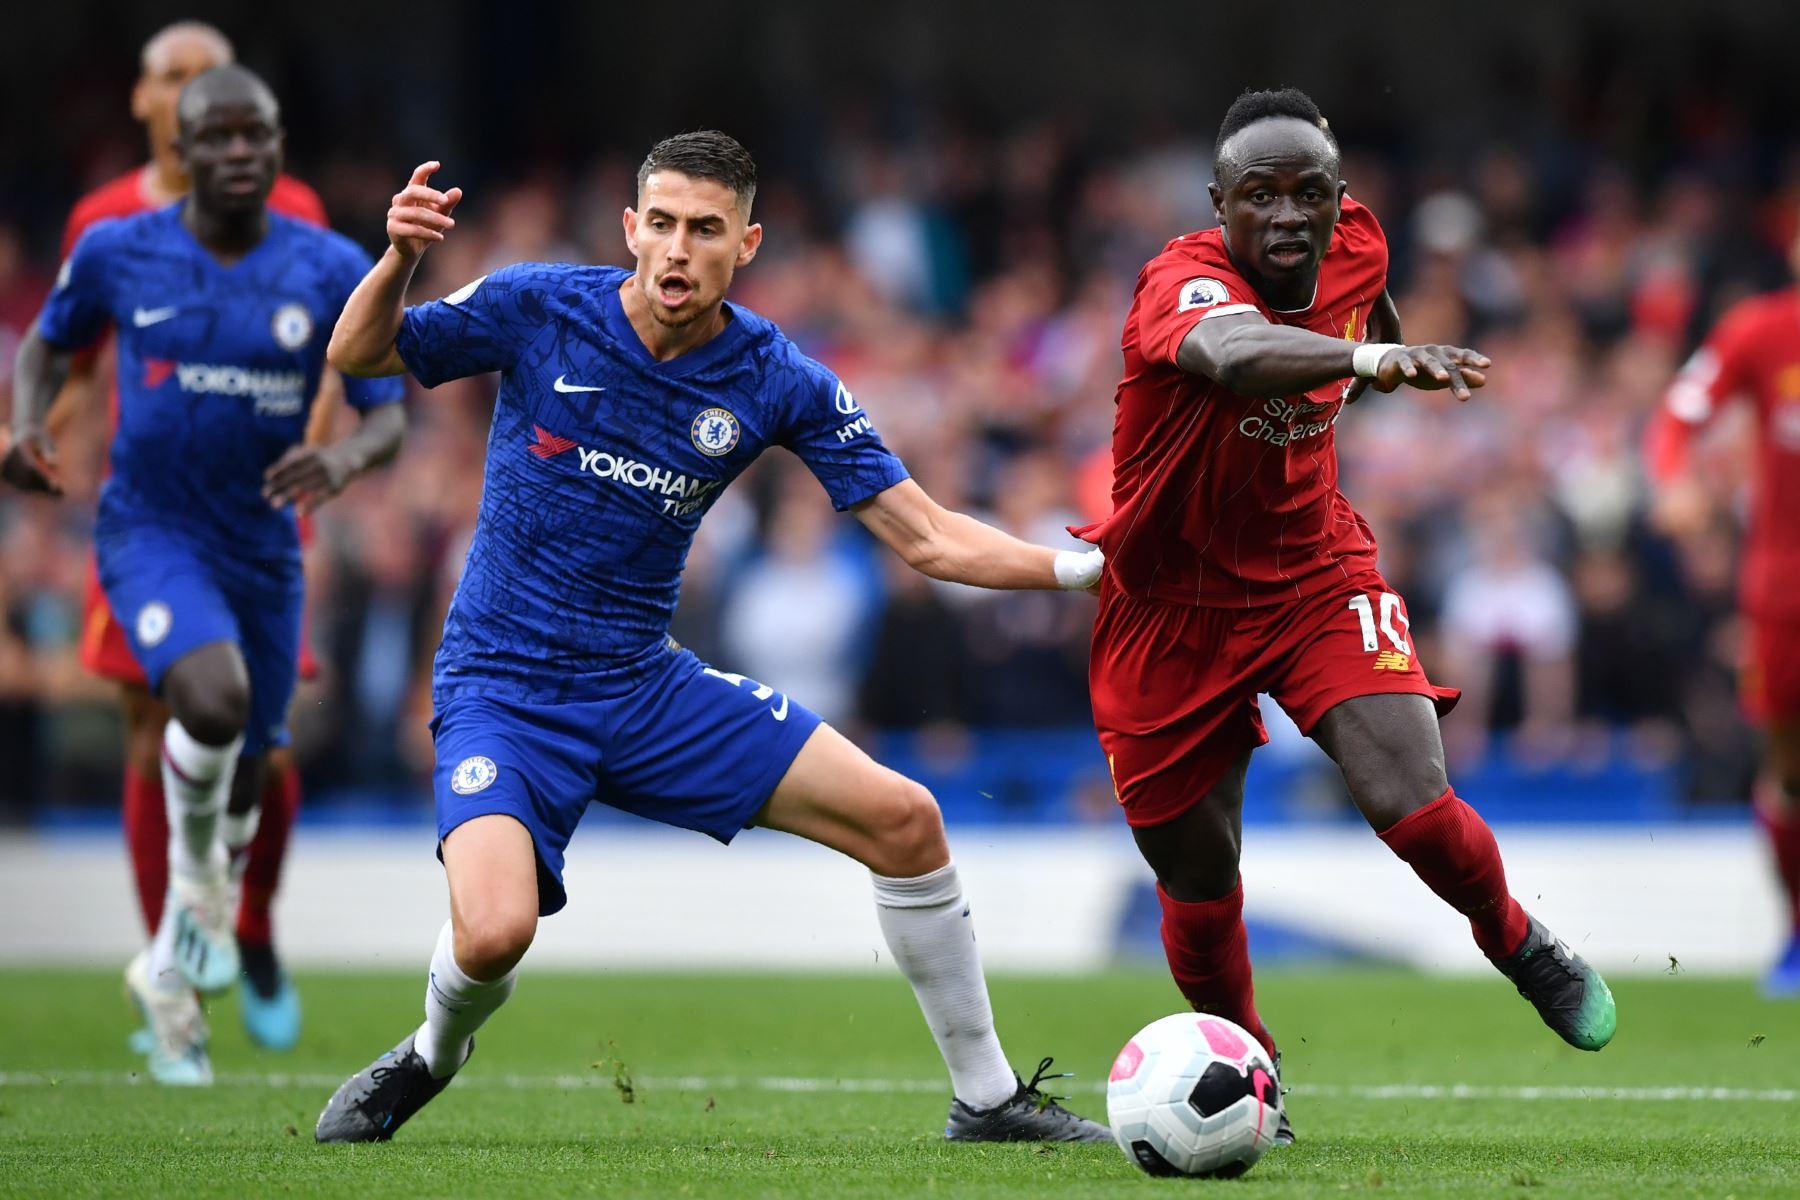 El delantero senegalés del Liverpool Sadio Mane (R) compite con el mediocampista italiano del Chelsea Jorginho (L) durante el partido de fútbol de la Premier League inglesa entre Chelsea y Liverpool. Foto: AFP